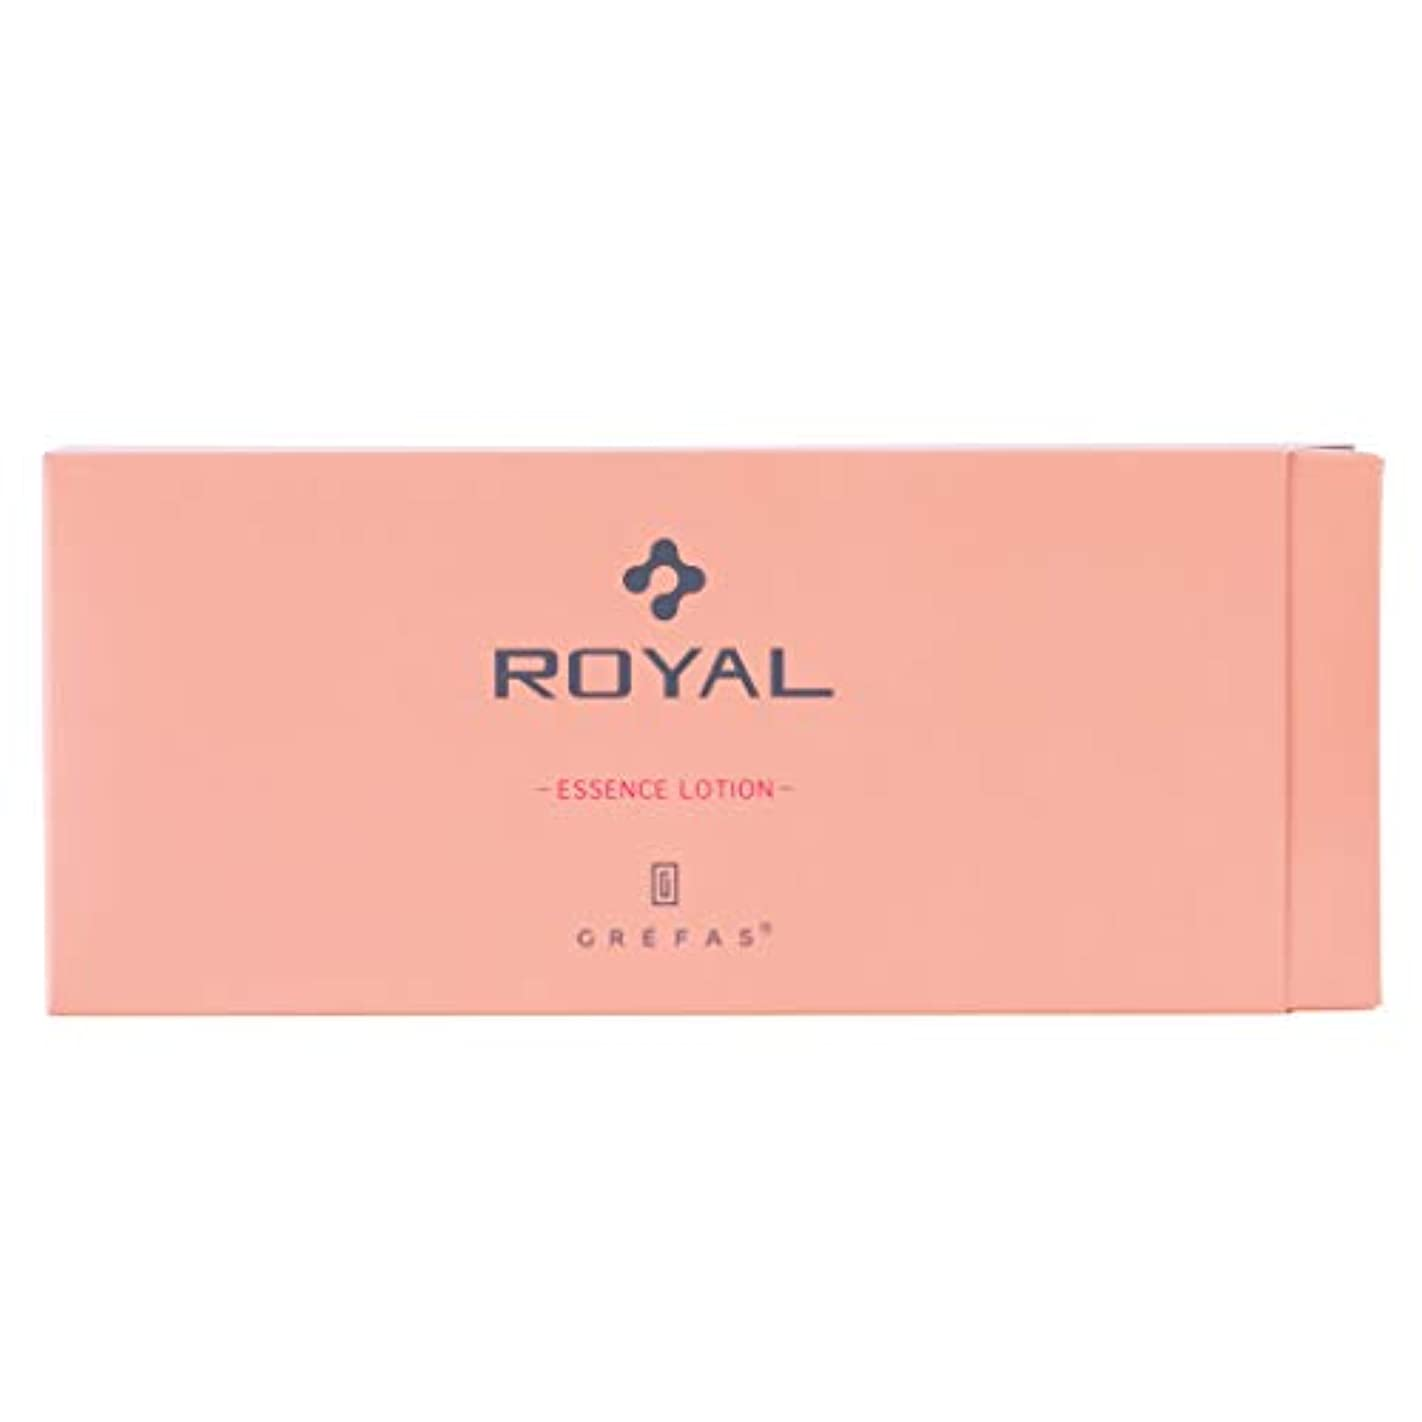 アナログ閉じるスラッシュGREFAS ROYAL エッセンスローション 1.3ml×90袋